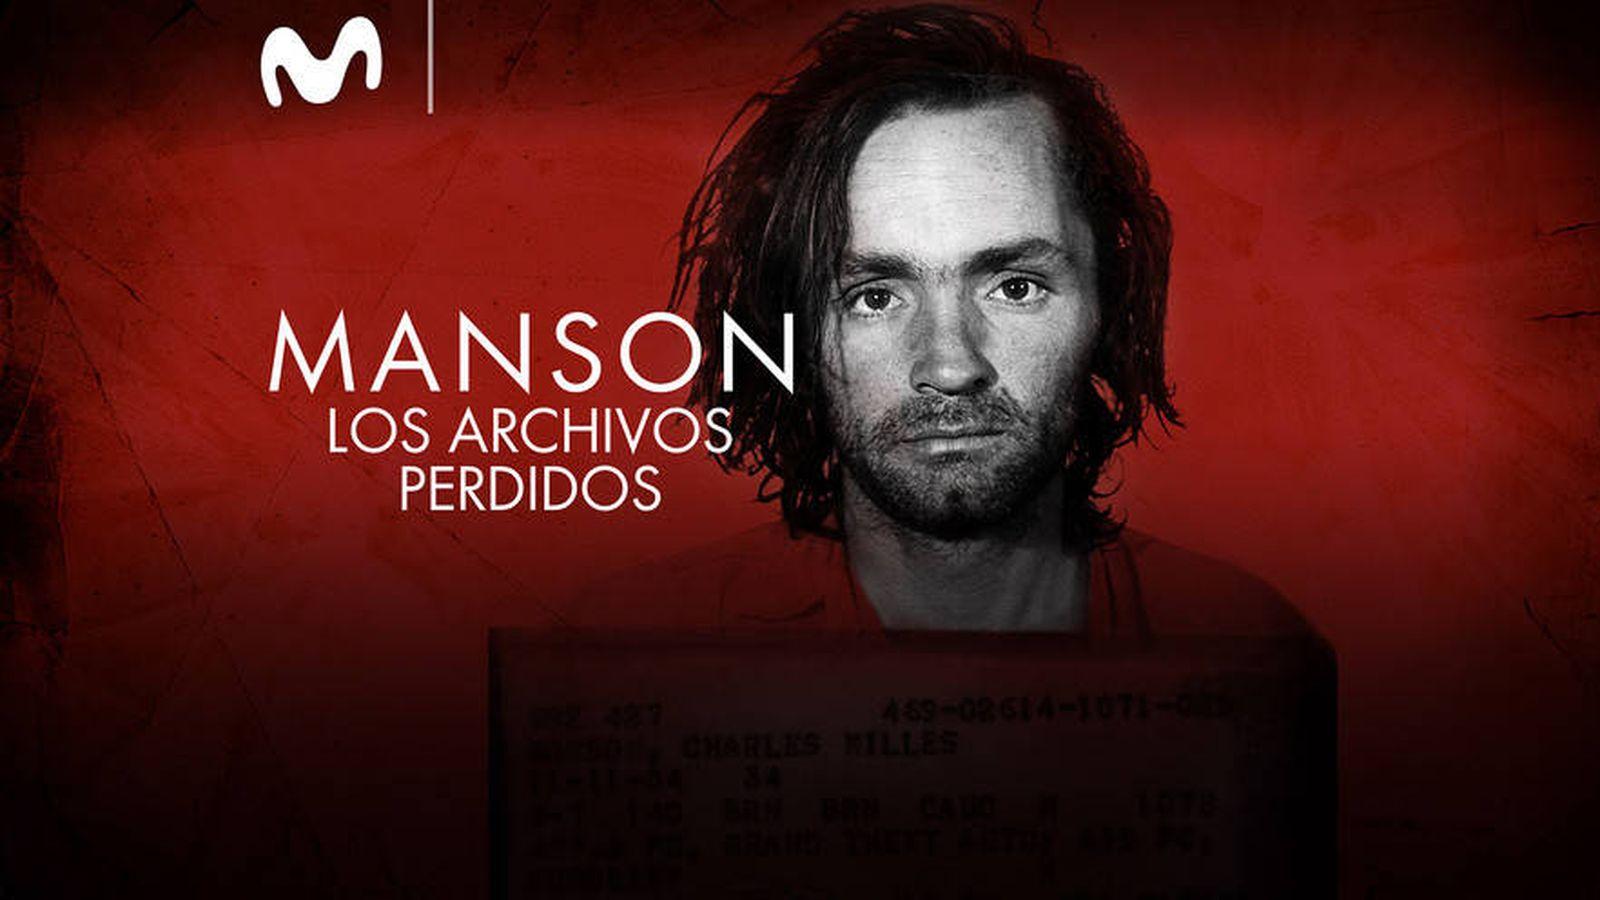 Documentales - Página 34 Drogas-sexo-y-violaciones-el-documental-sobre-las-atrocidades-en-la-familia-manson